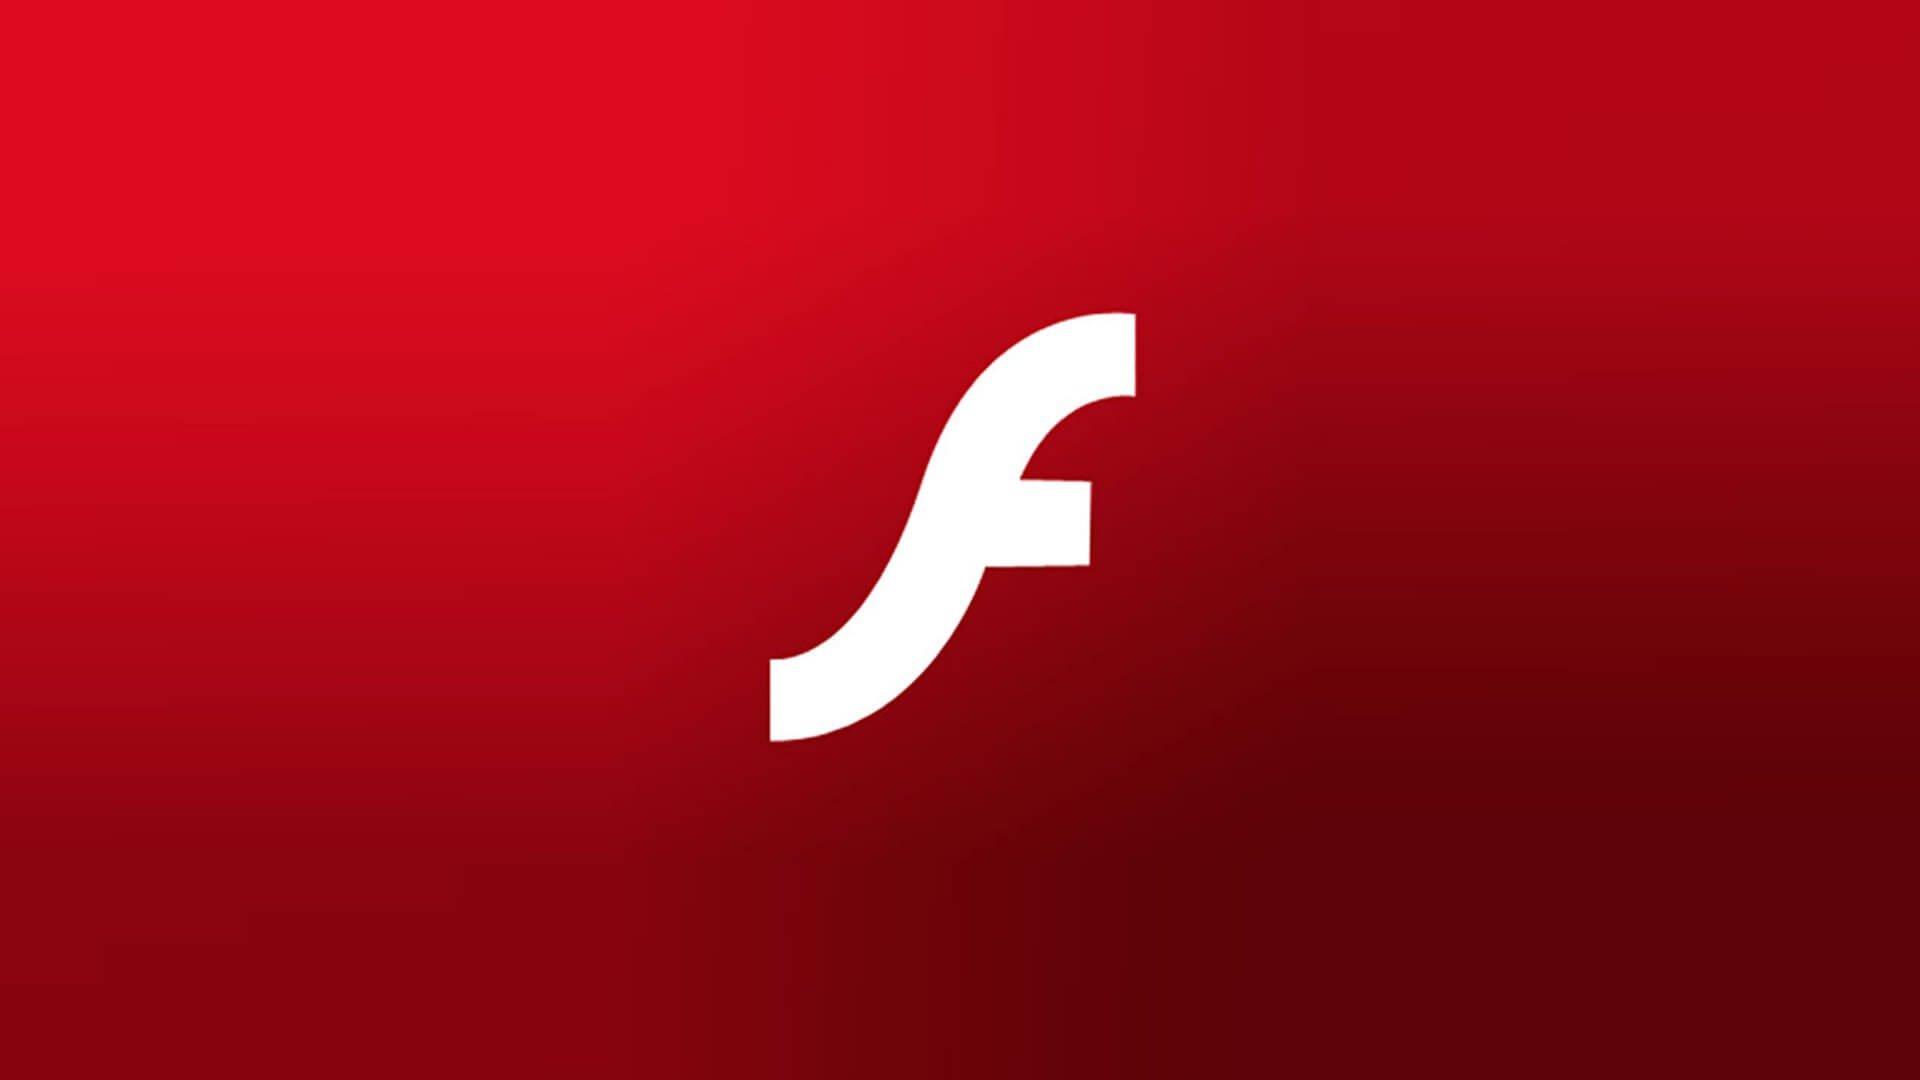 Фанаты спасли 36 тыс Flash-игр от исчезновения. Геймеры могут скачать их абсолютно бесплатно